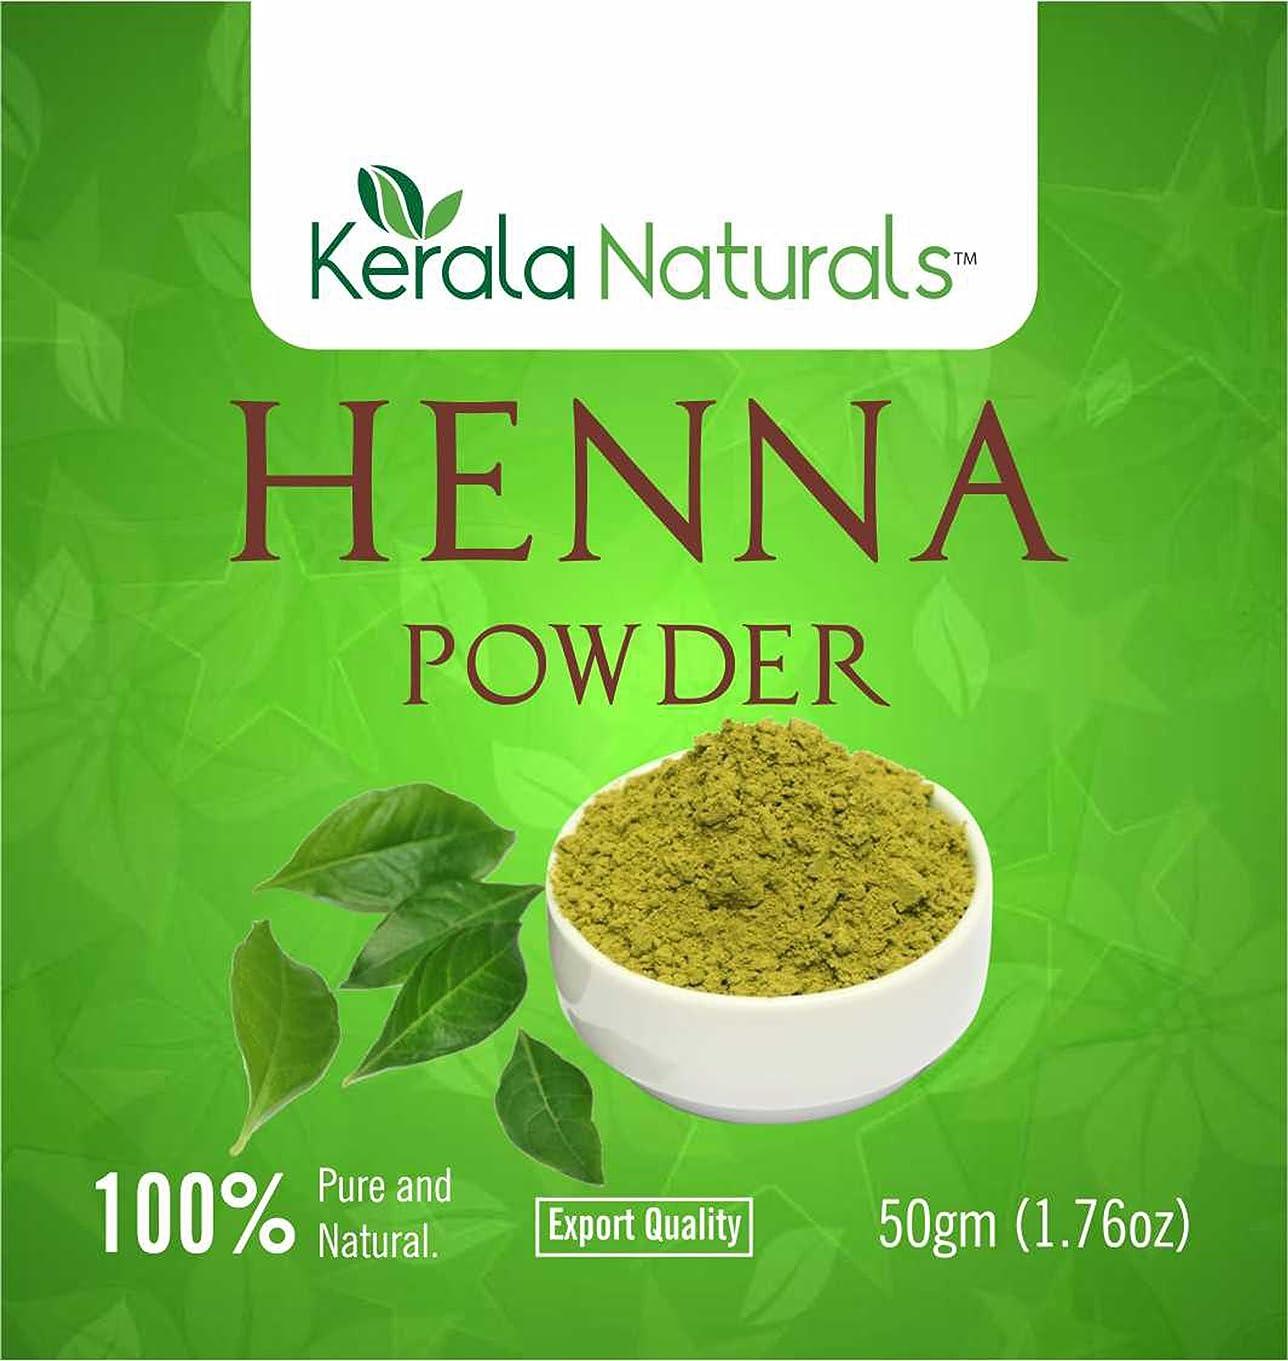 ウッズ魅了するグッゲンハイム美術館100% Pure Herbal Henna powder- Fresh Stock